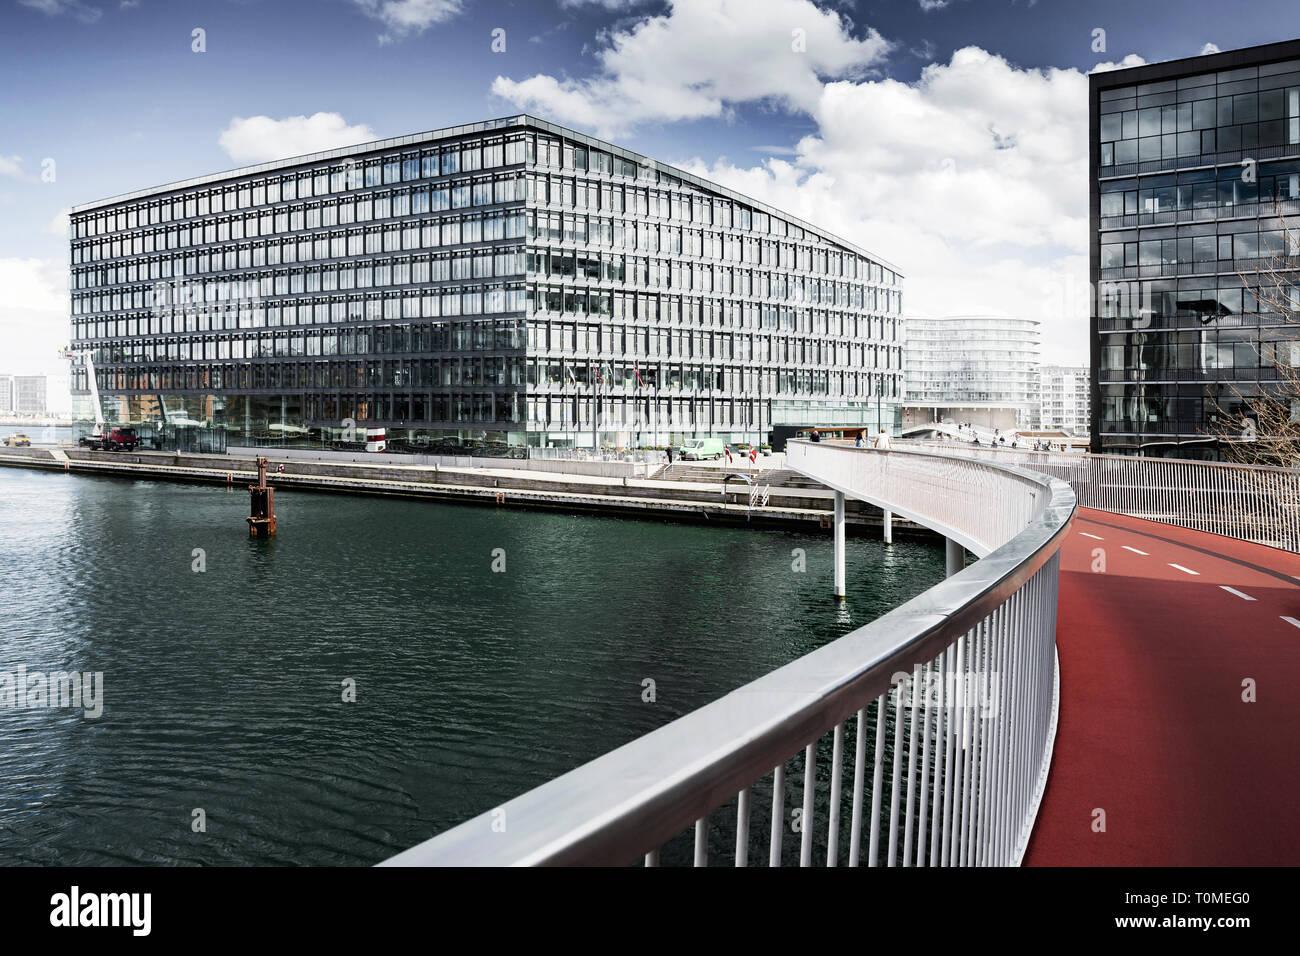 Cykelslangen location pont, Havneholmen, Copenhague, Danemark Banque D'Images